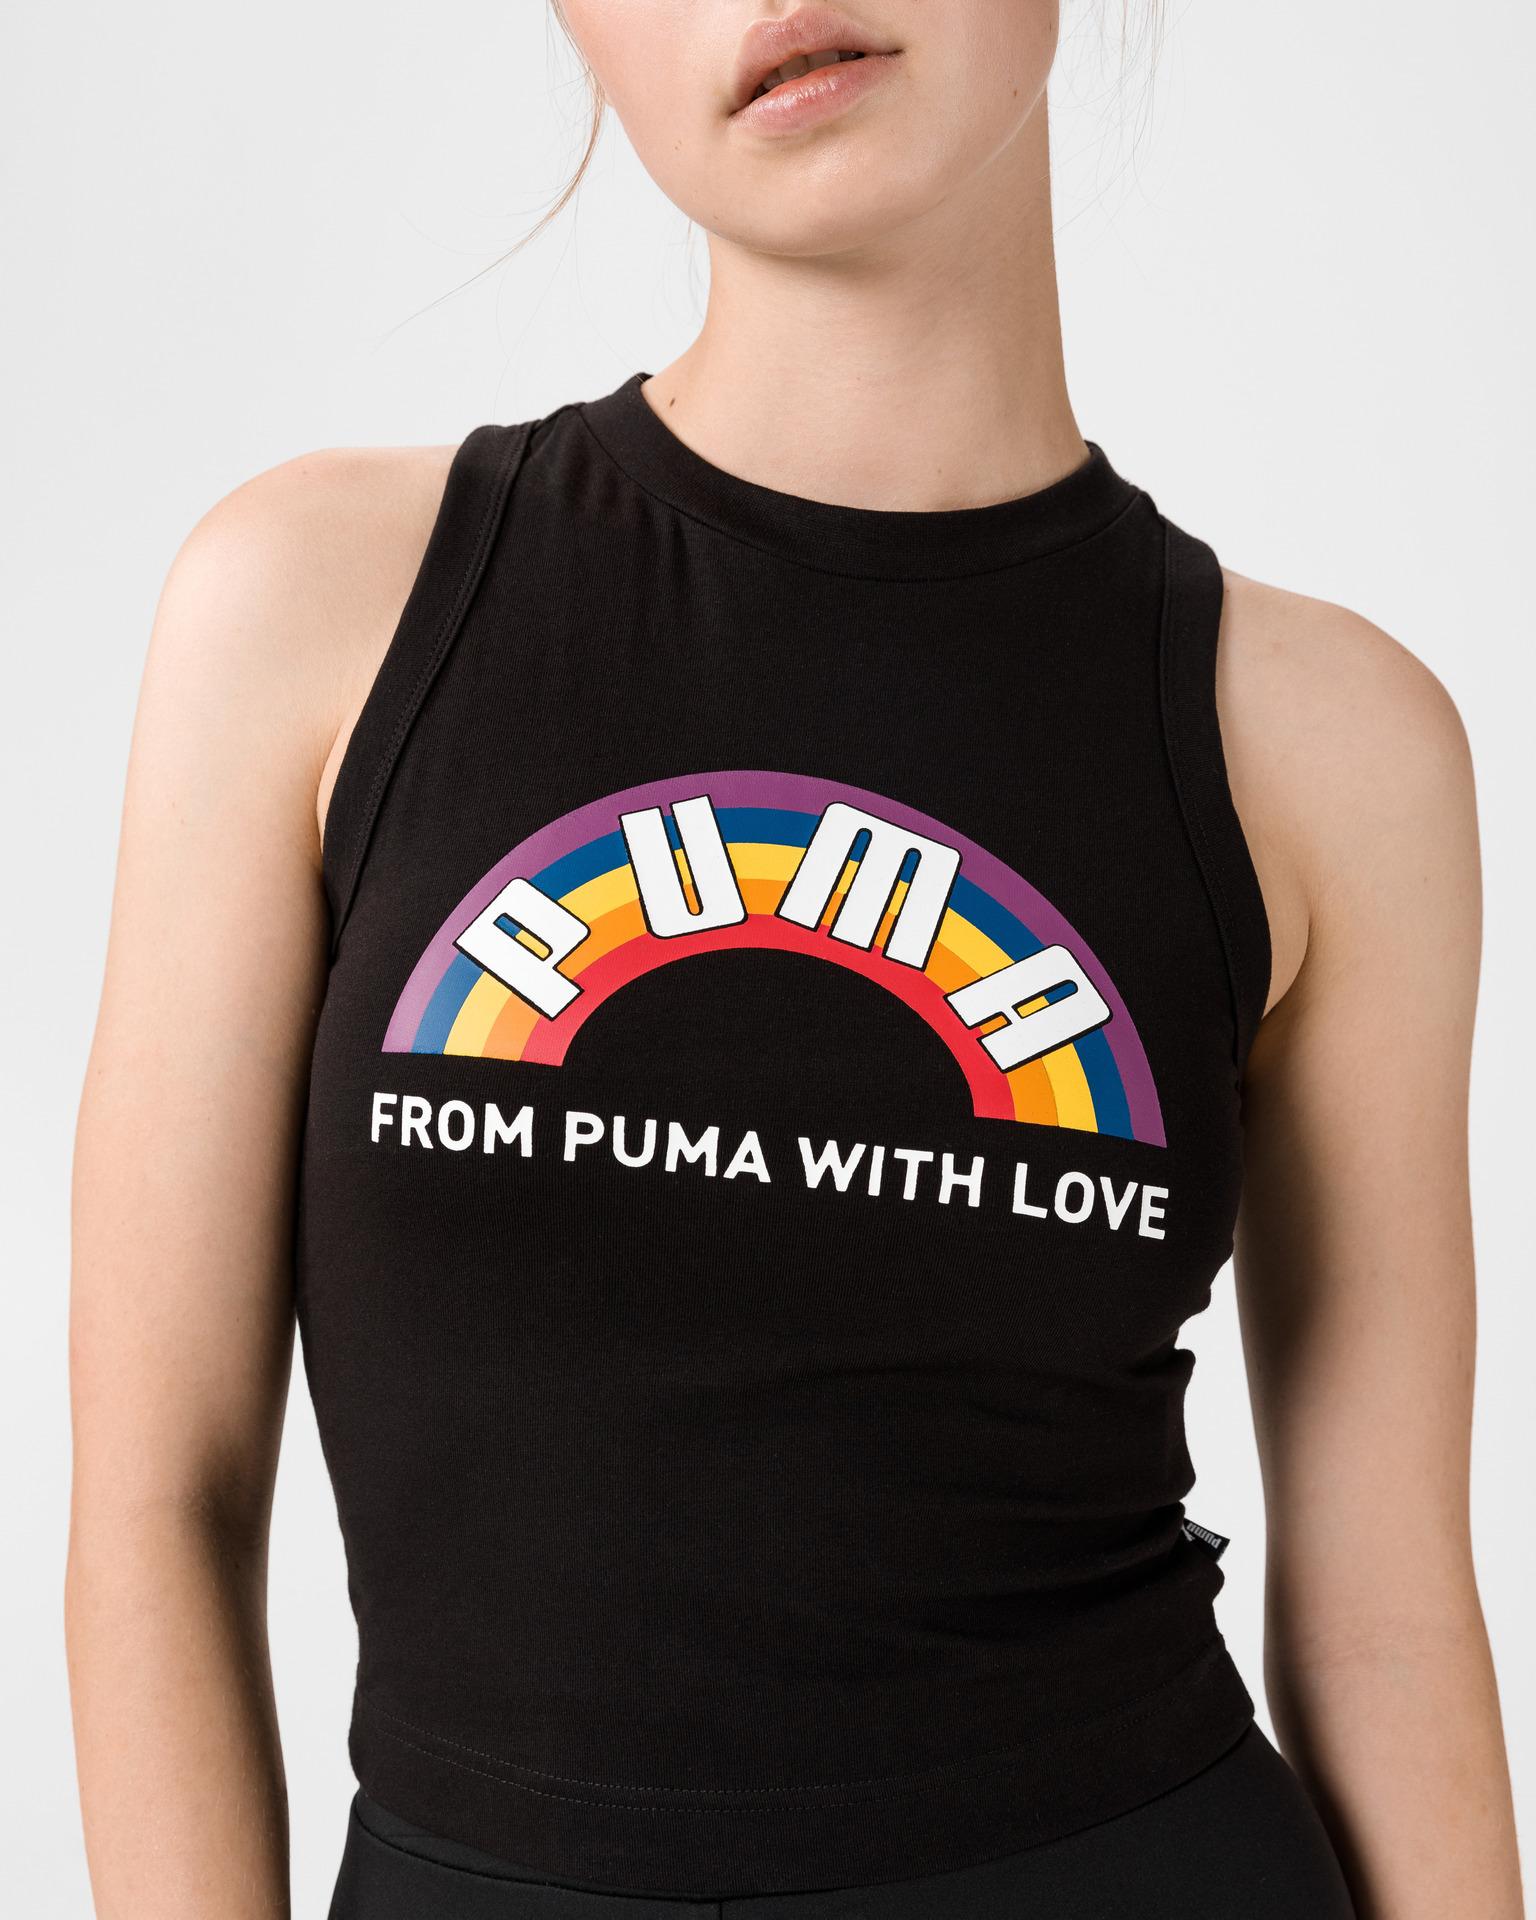 Puma Maglietta donna nero